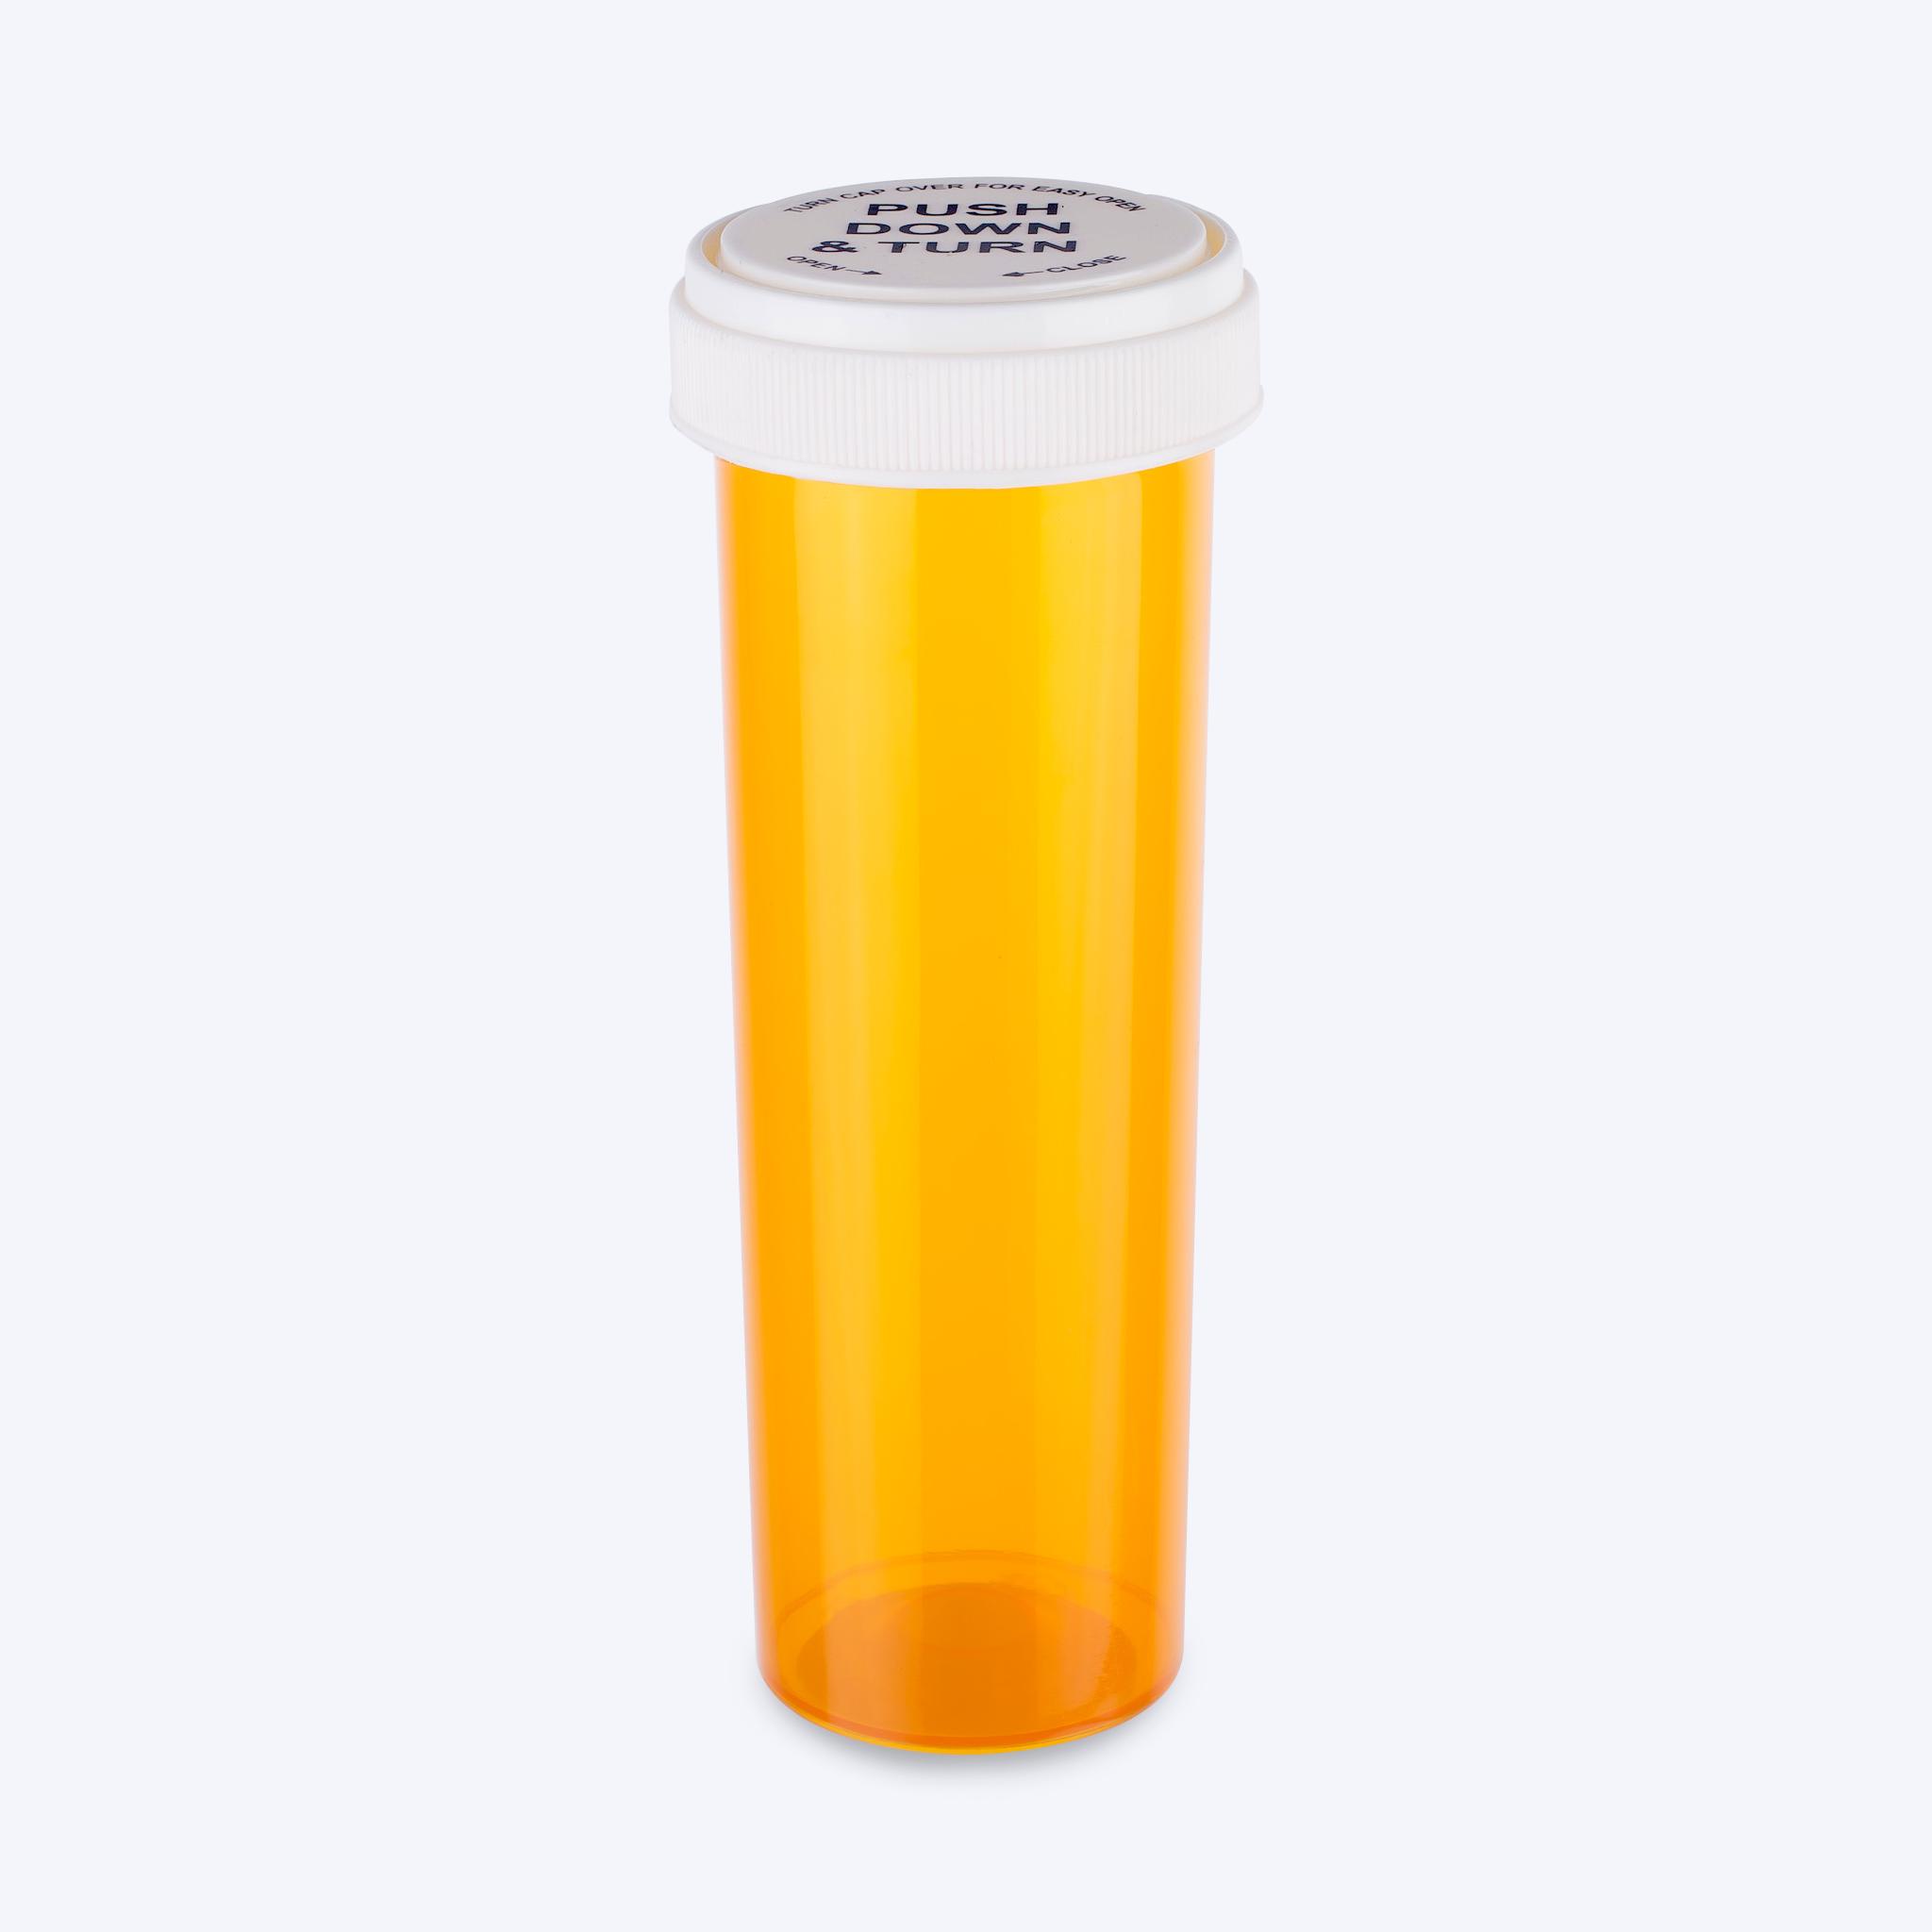 Amber - Reversible Cap Vials